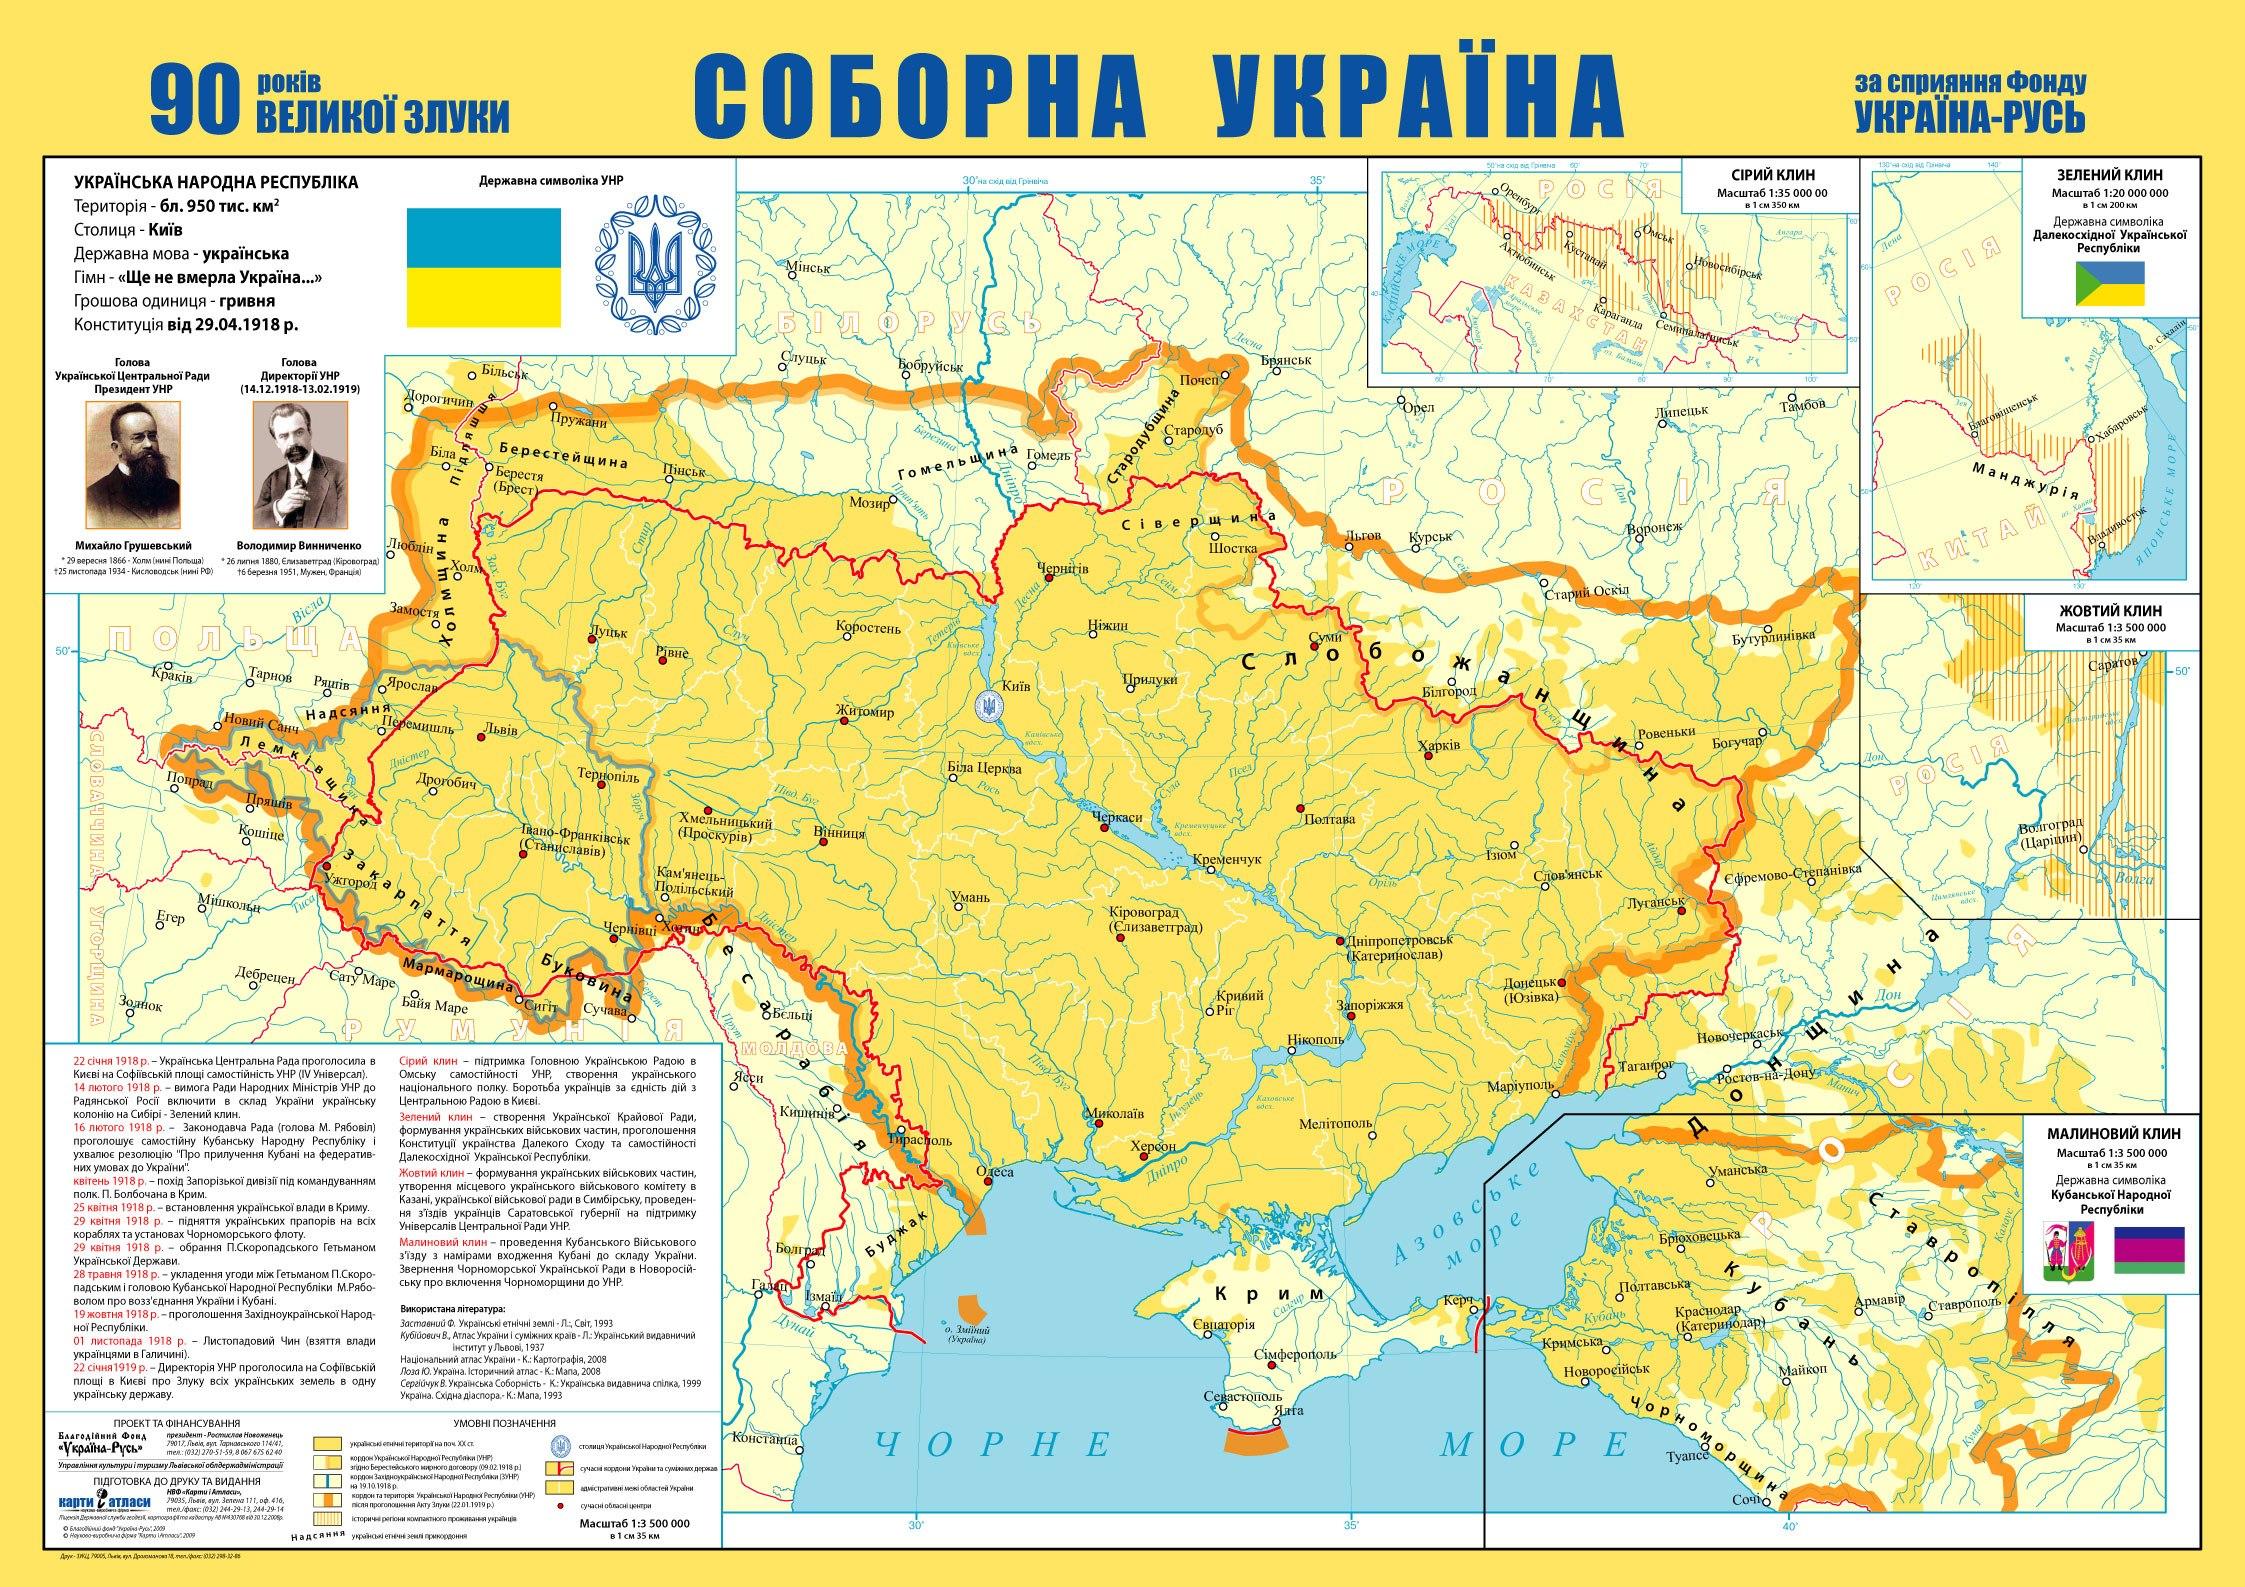 Террористы из ДНР хотят обменять захваченную миссию ОБСЕ на своих боевиков - Цензор.НЕТ 2354